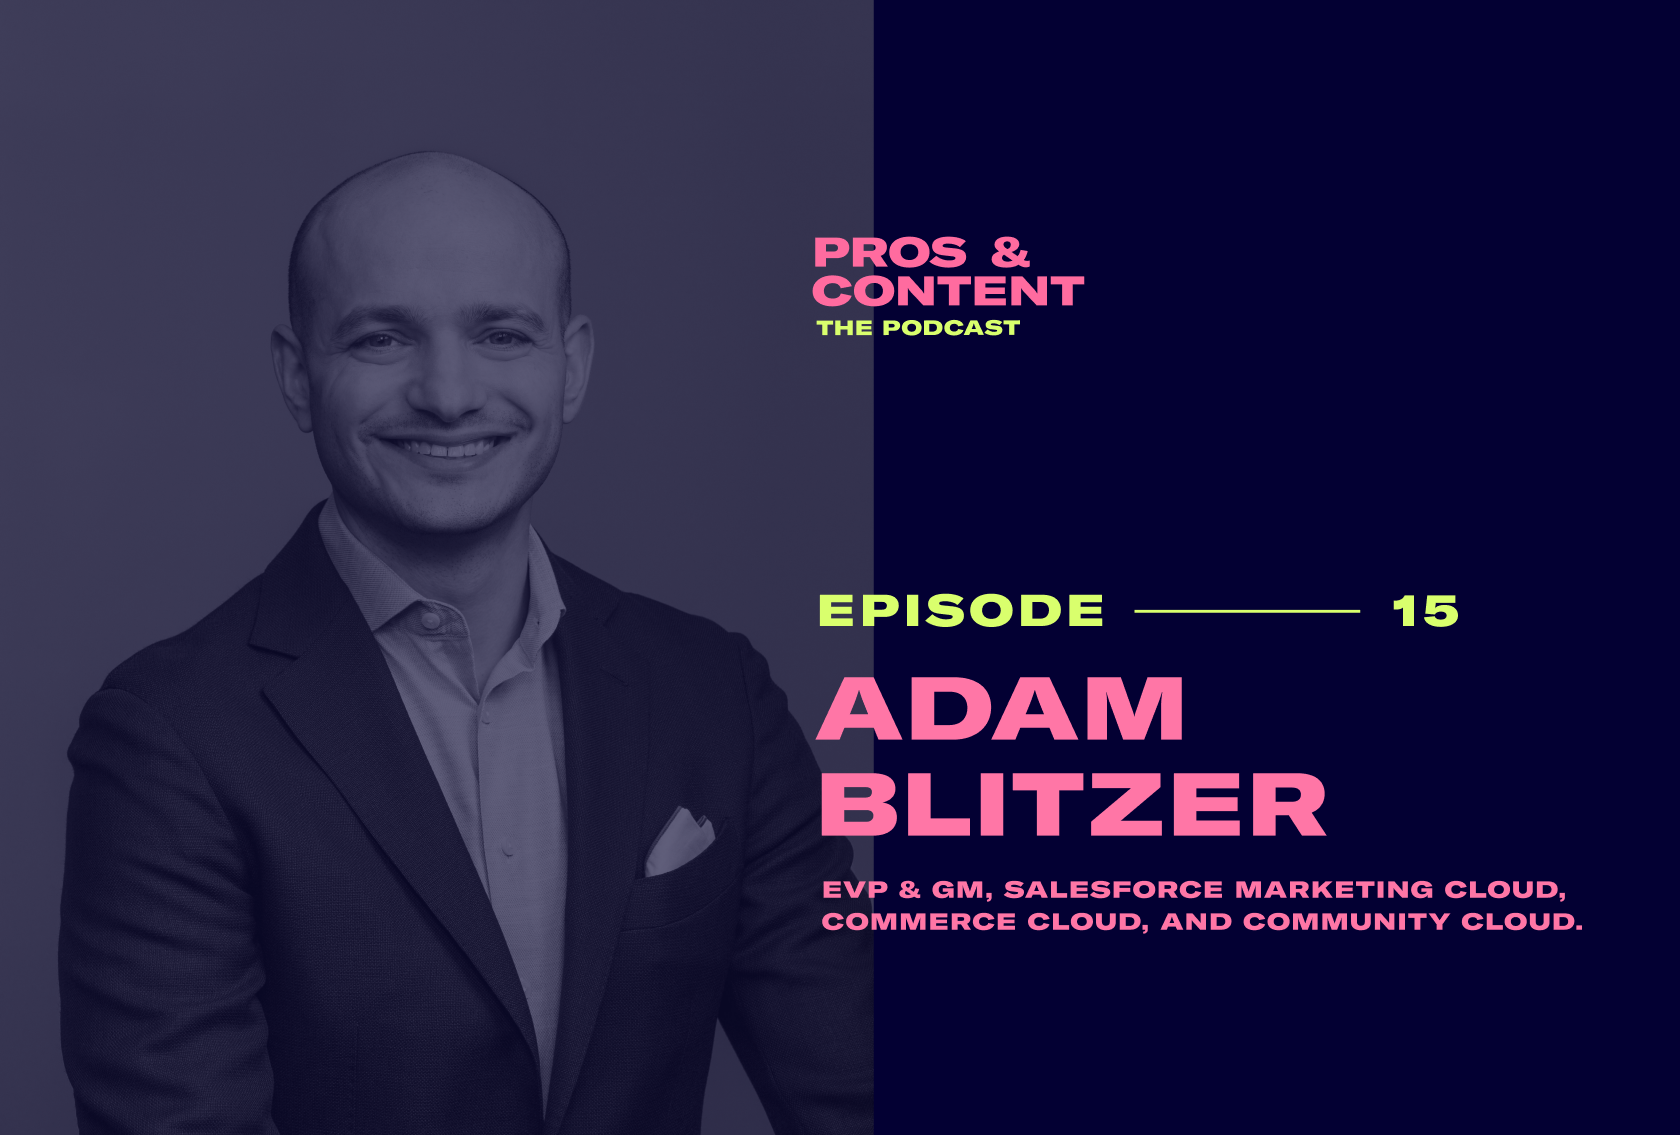 Pros & Content Podcast: Adam Blitzer